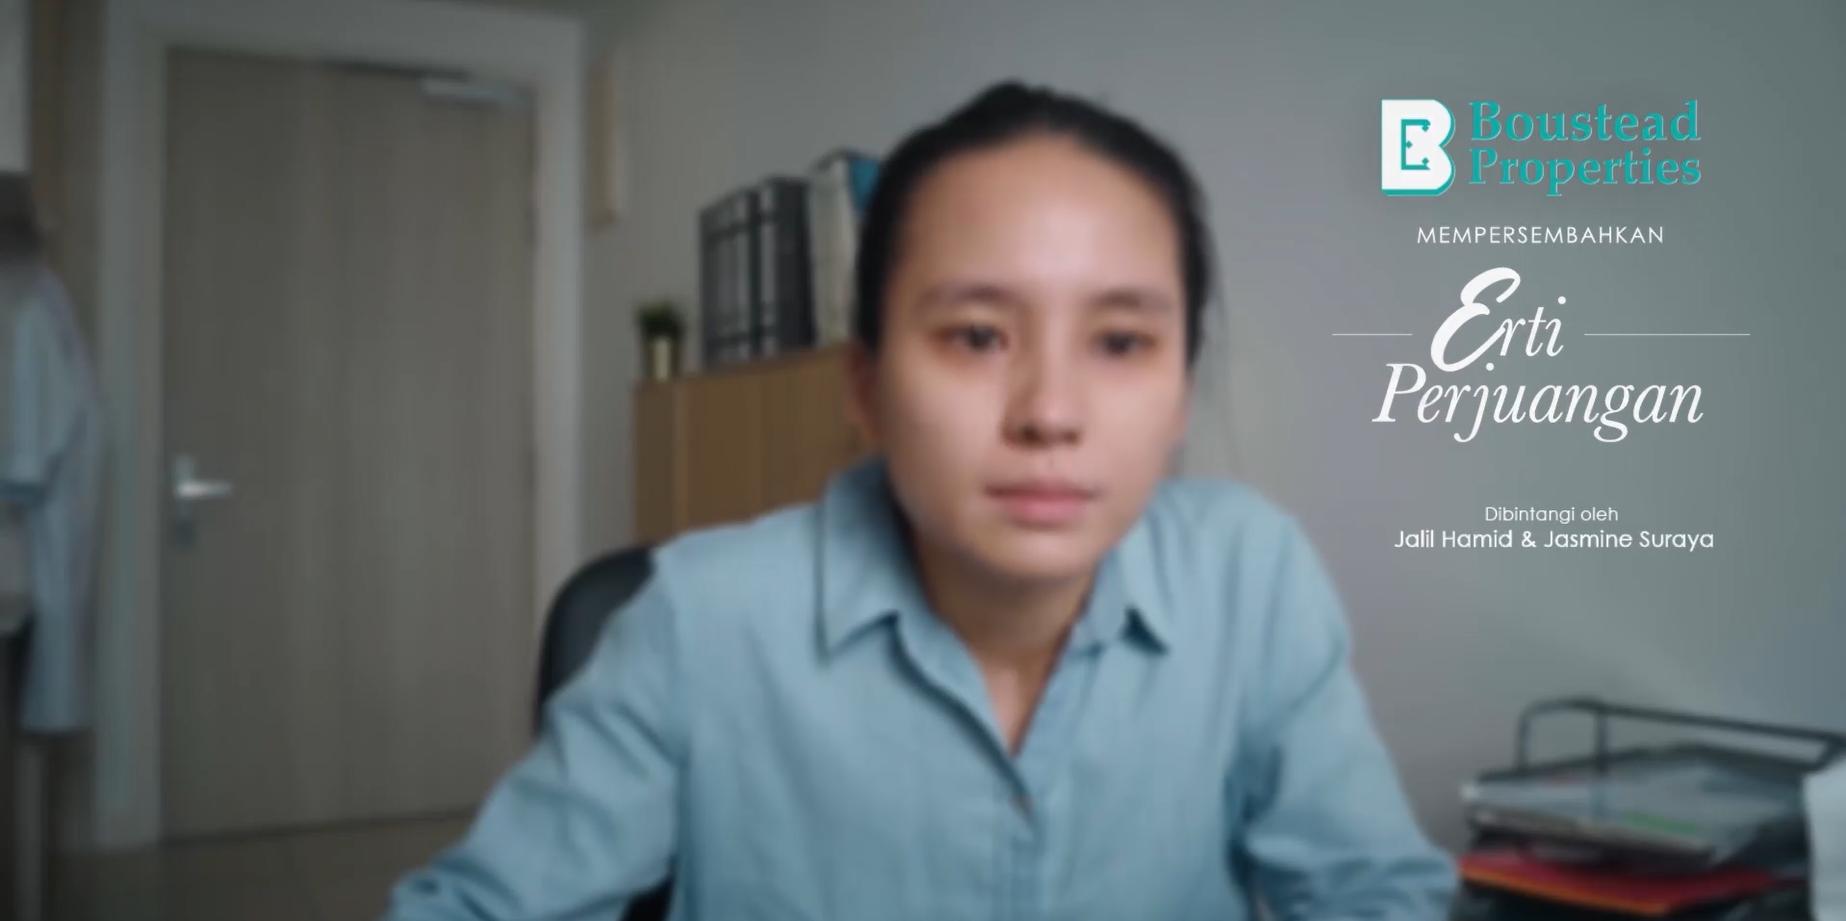 Boustead Merdeka Video – Erti Perjuangan